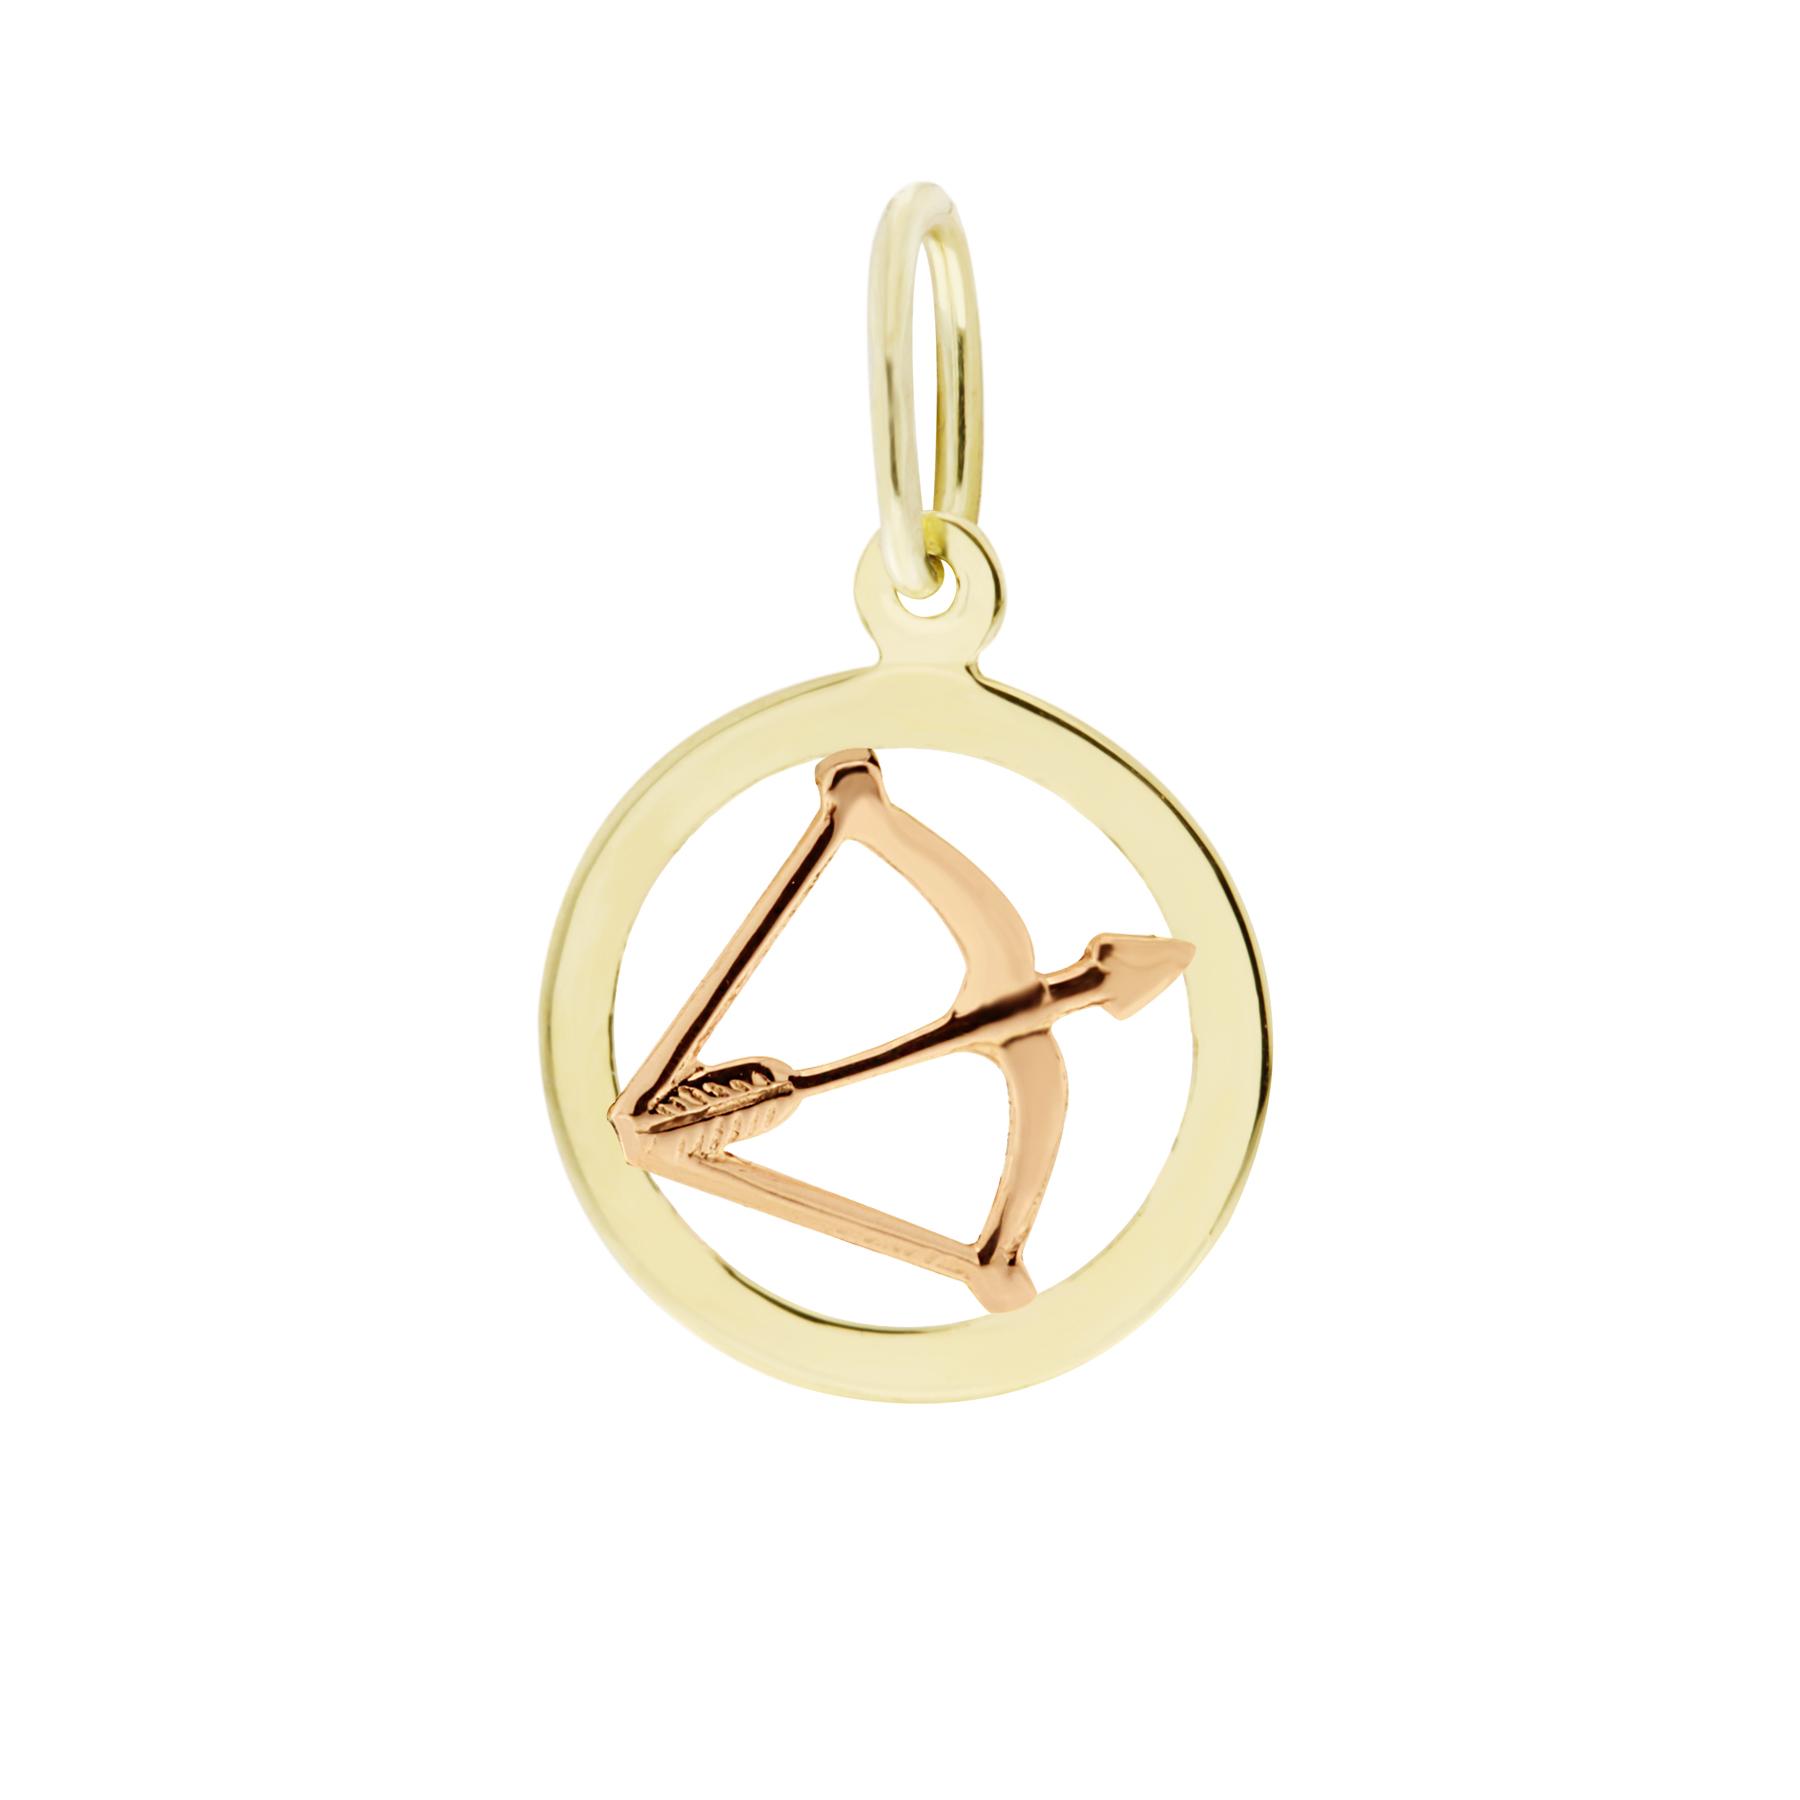 Zlatý přívěsek - znamení zvěrokruhu Střelec Tvar: Kolečko, hladký rámeček